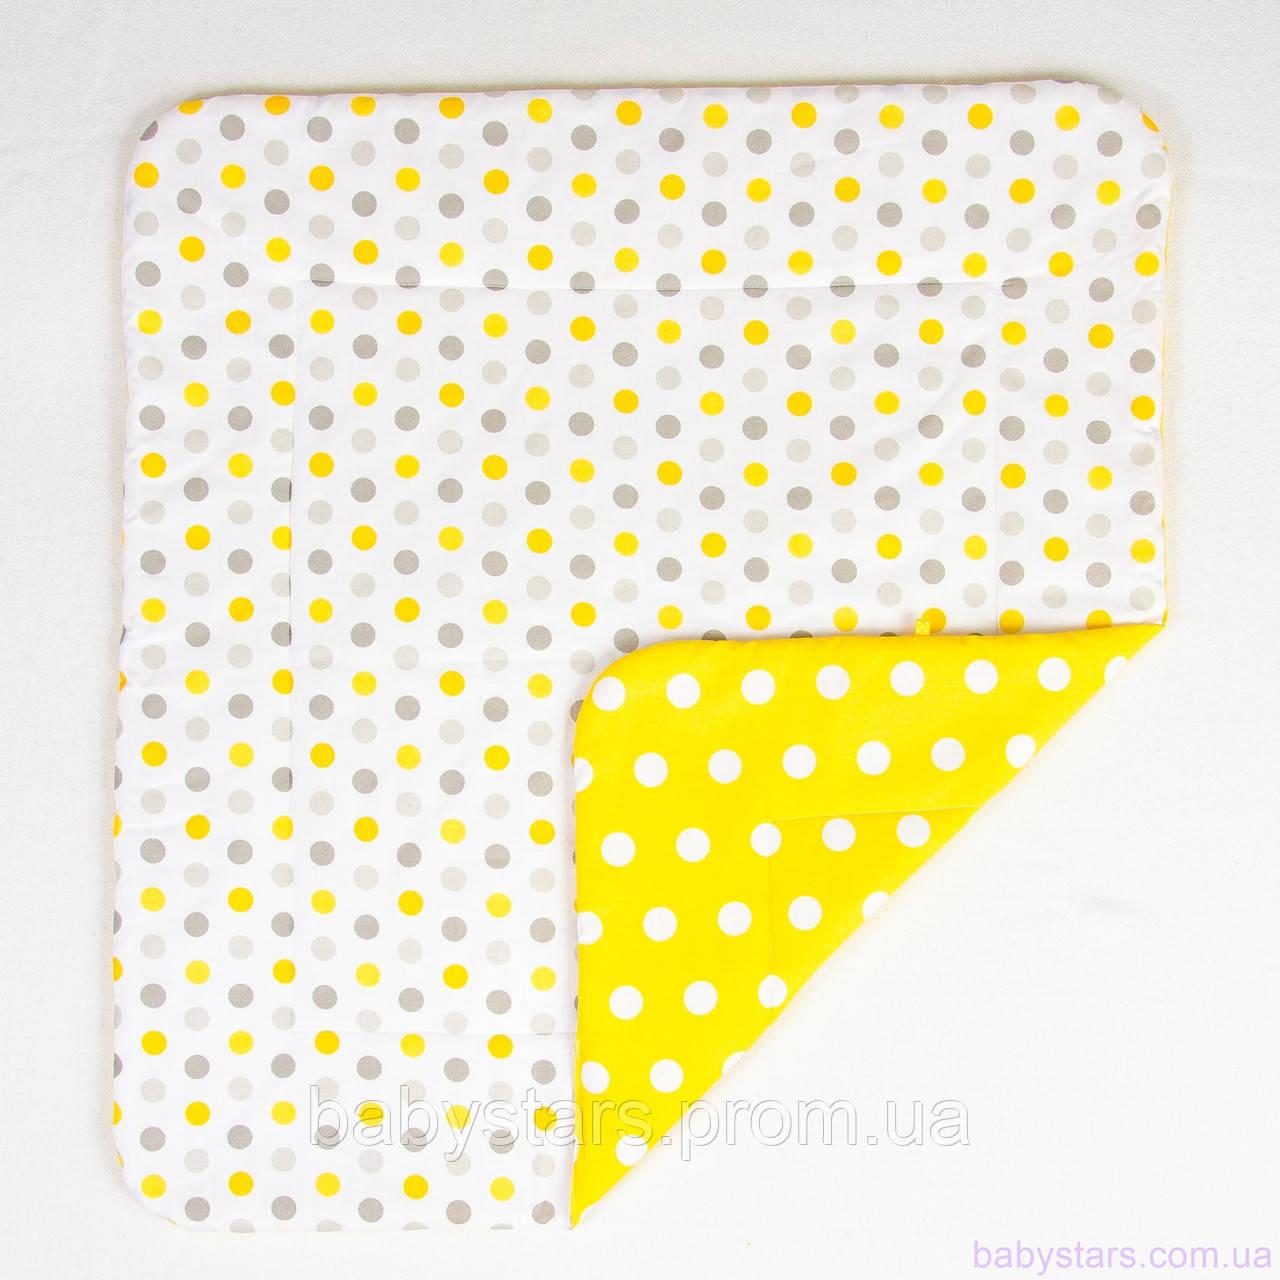 """Детское хлопковое одеяло 80х85 см, """"Солнышко"""" цвет желтый"""